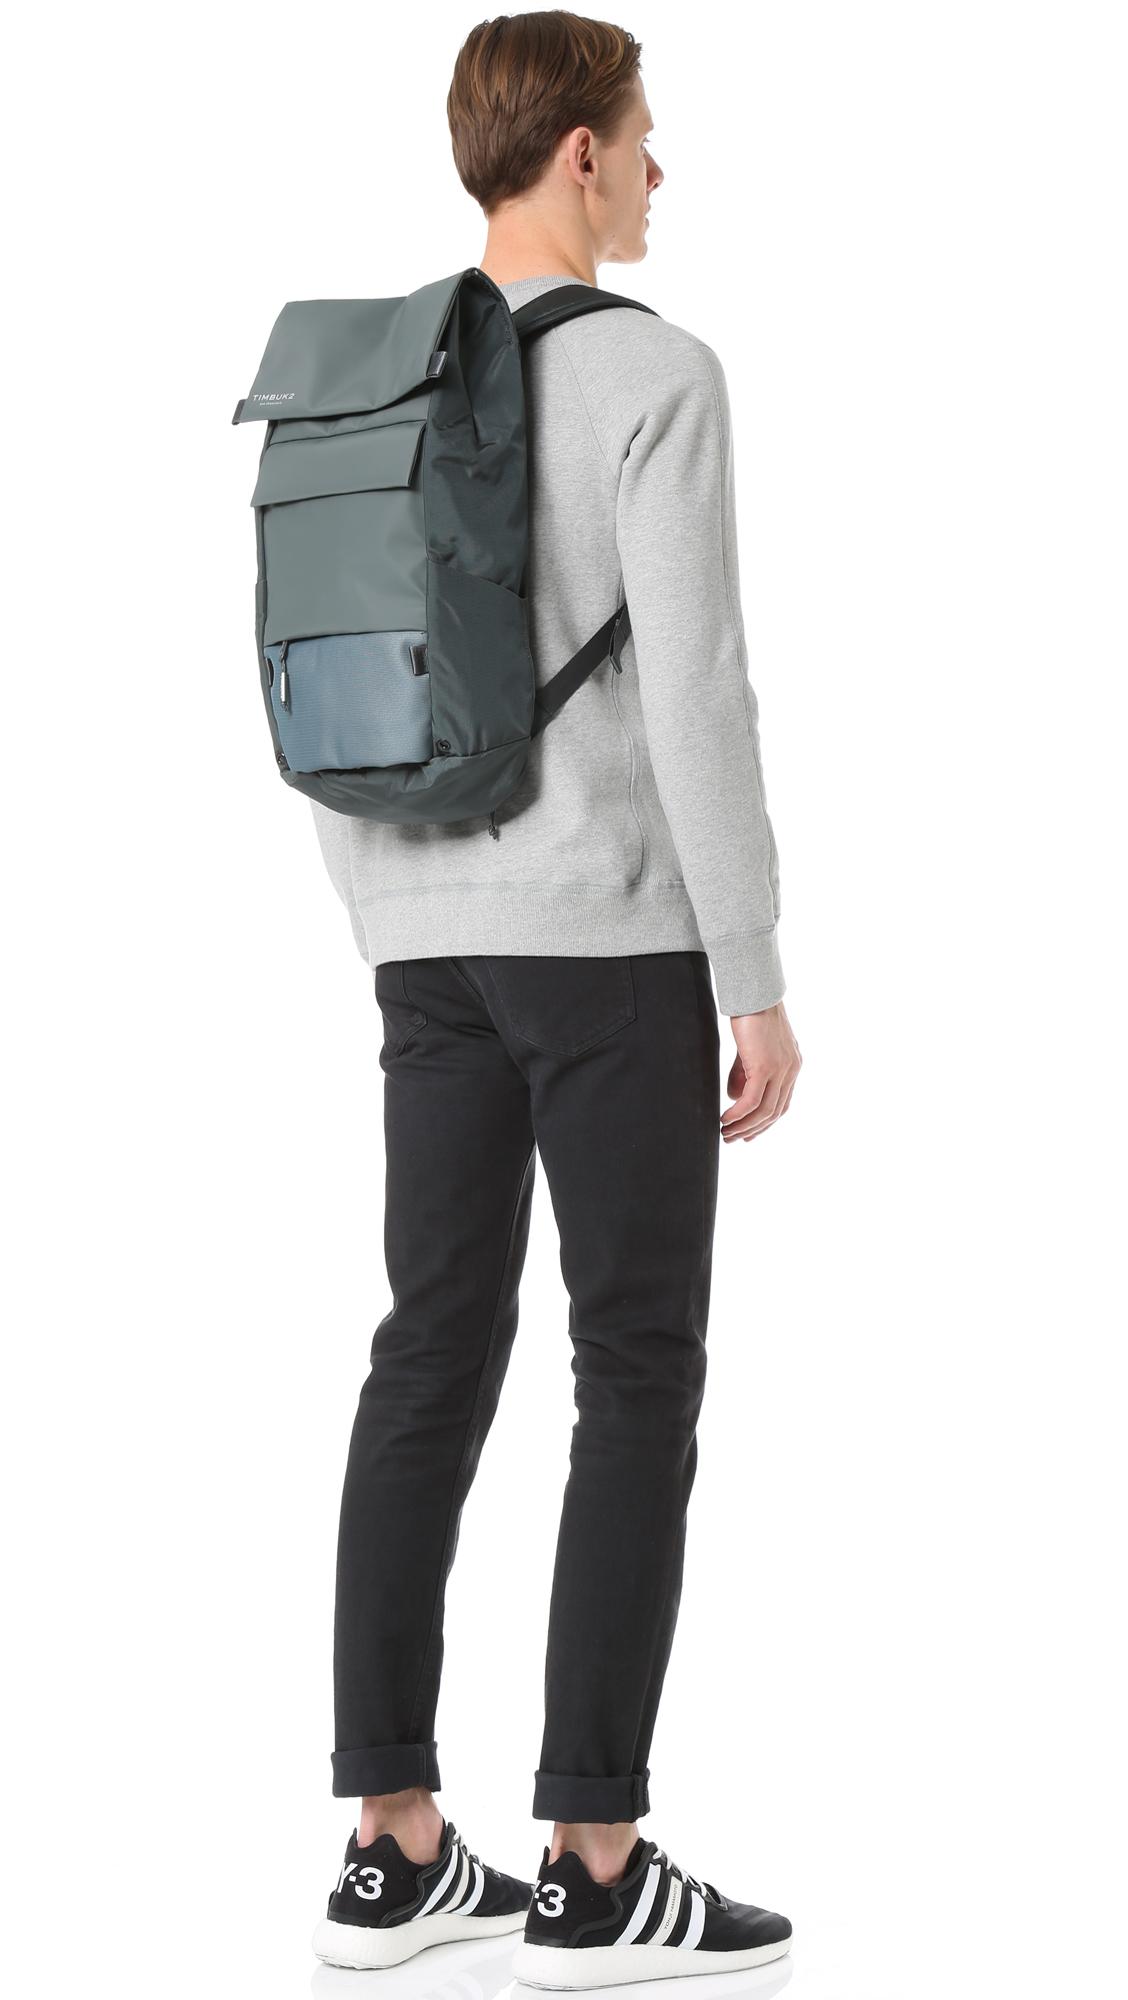 242c417316e Timbuk2 Robin Pack Backpack   EAST DANE